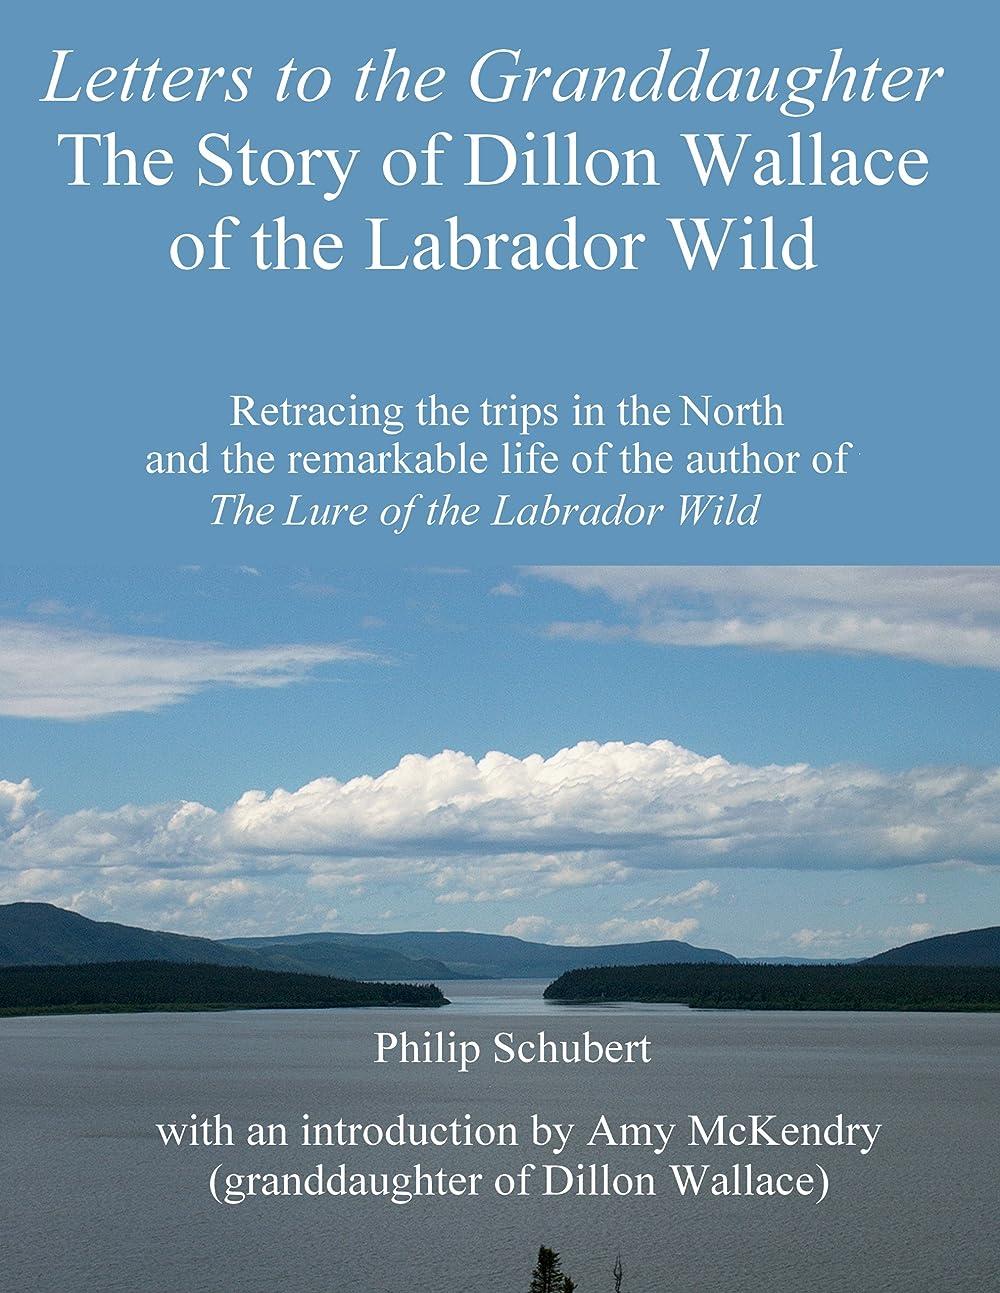 意気揚々横向き大脳Letters to the Granddaughter - The Story of Dillon Wallace of the Labrador Wild (English Edition)